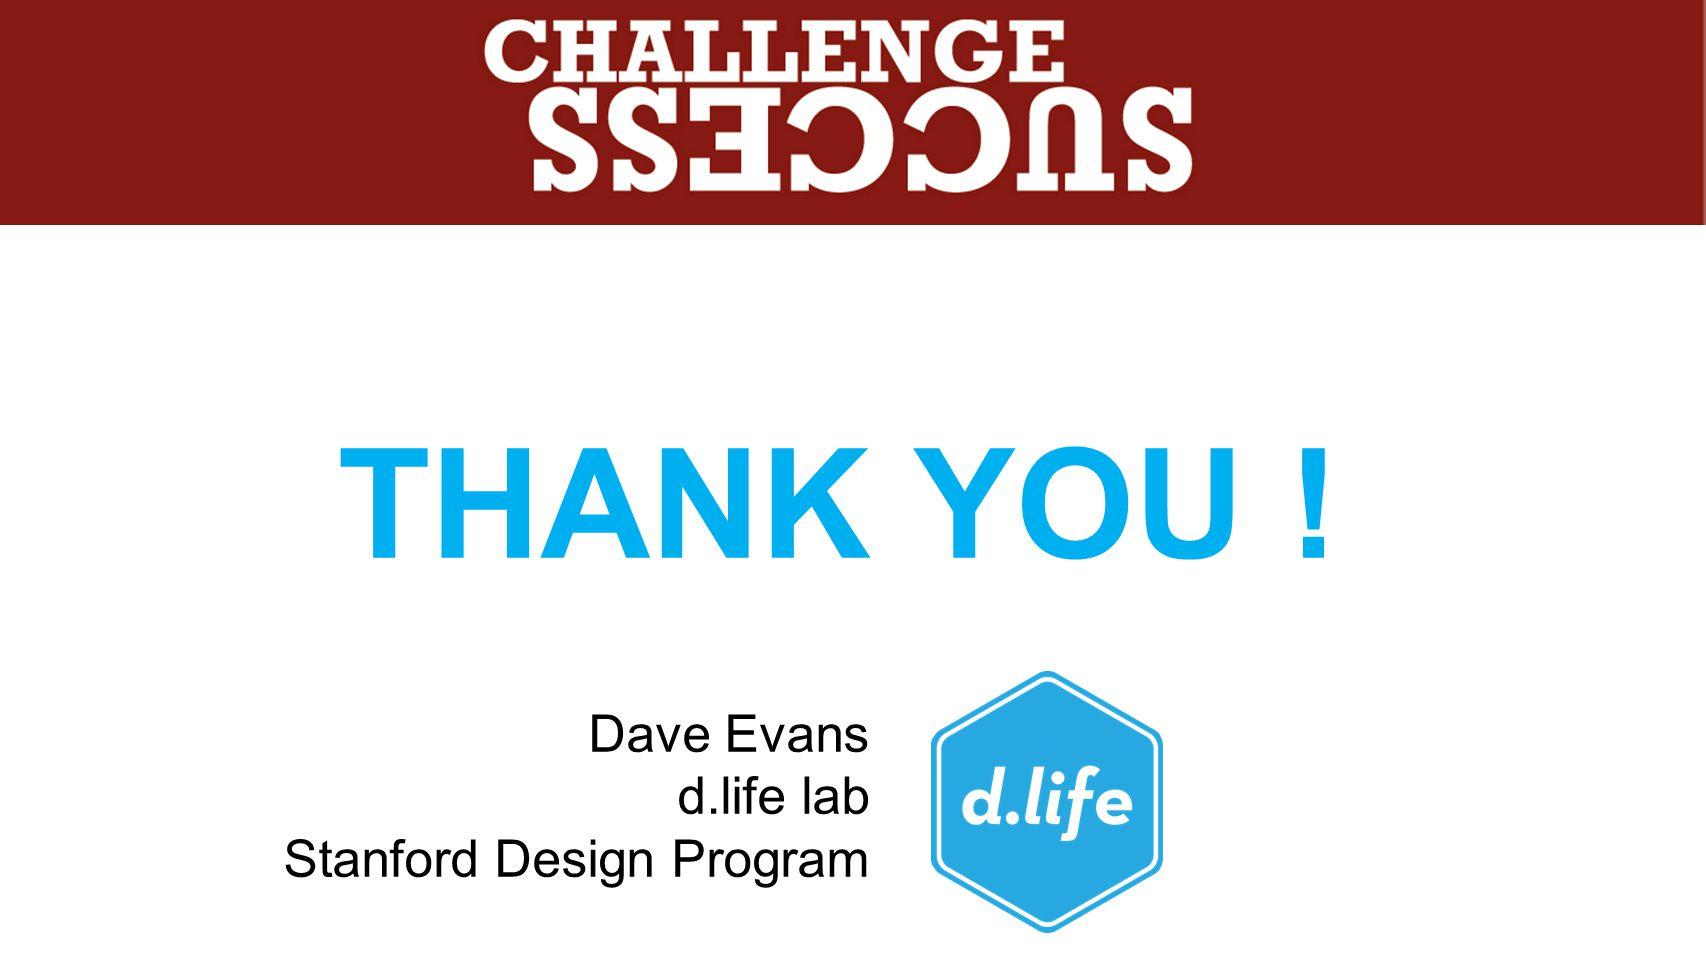 THANK YOU ! Dave Evans d.life lab Stanford Design Program